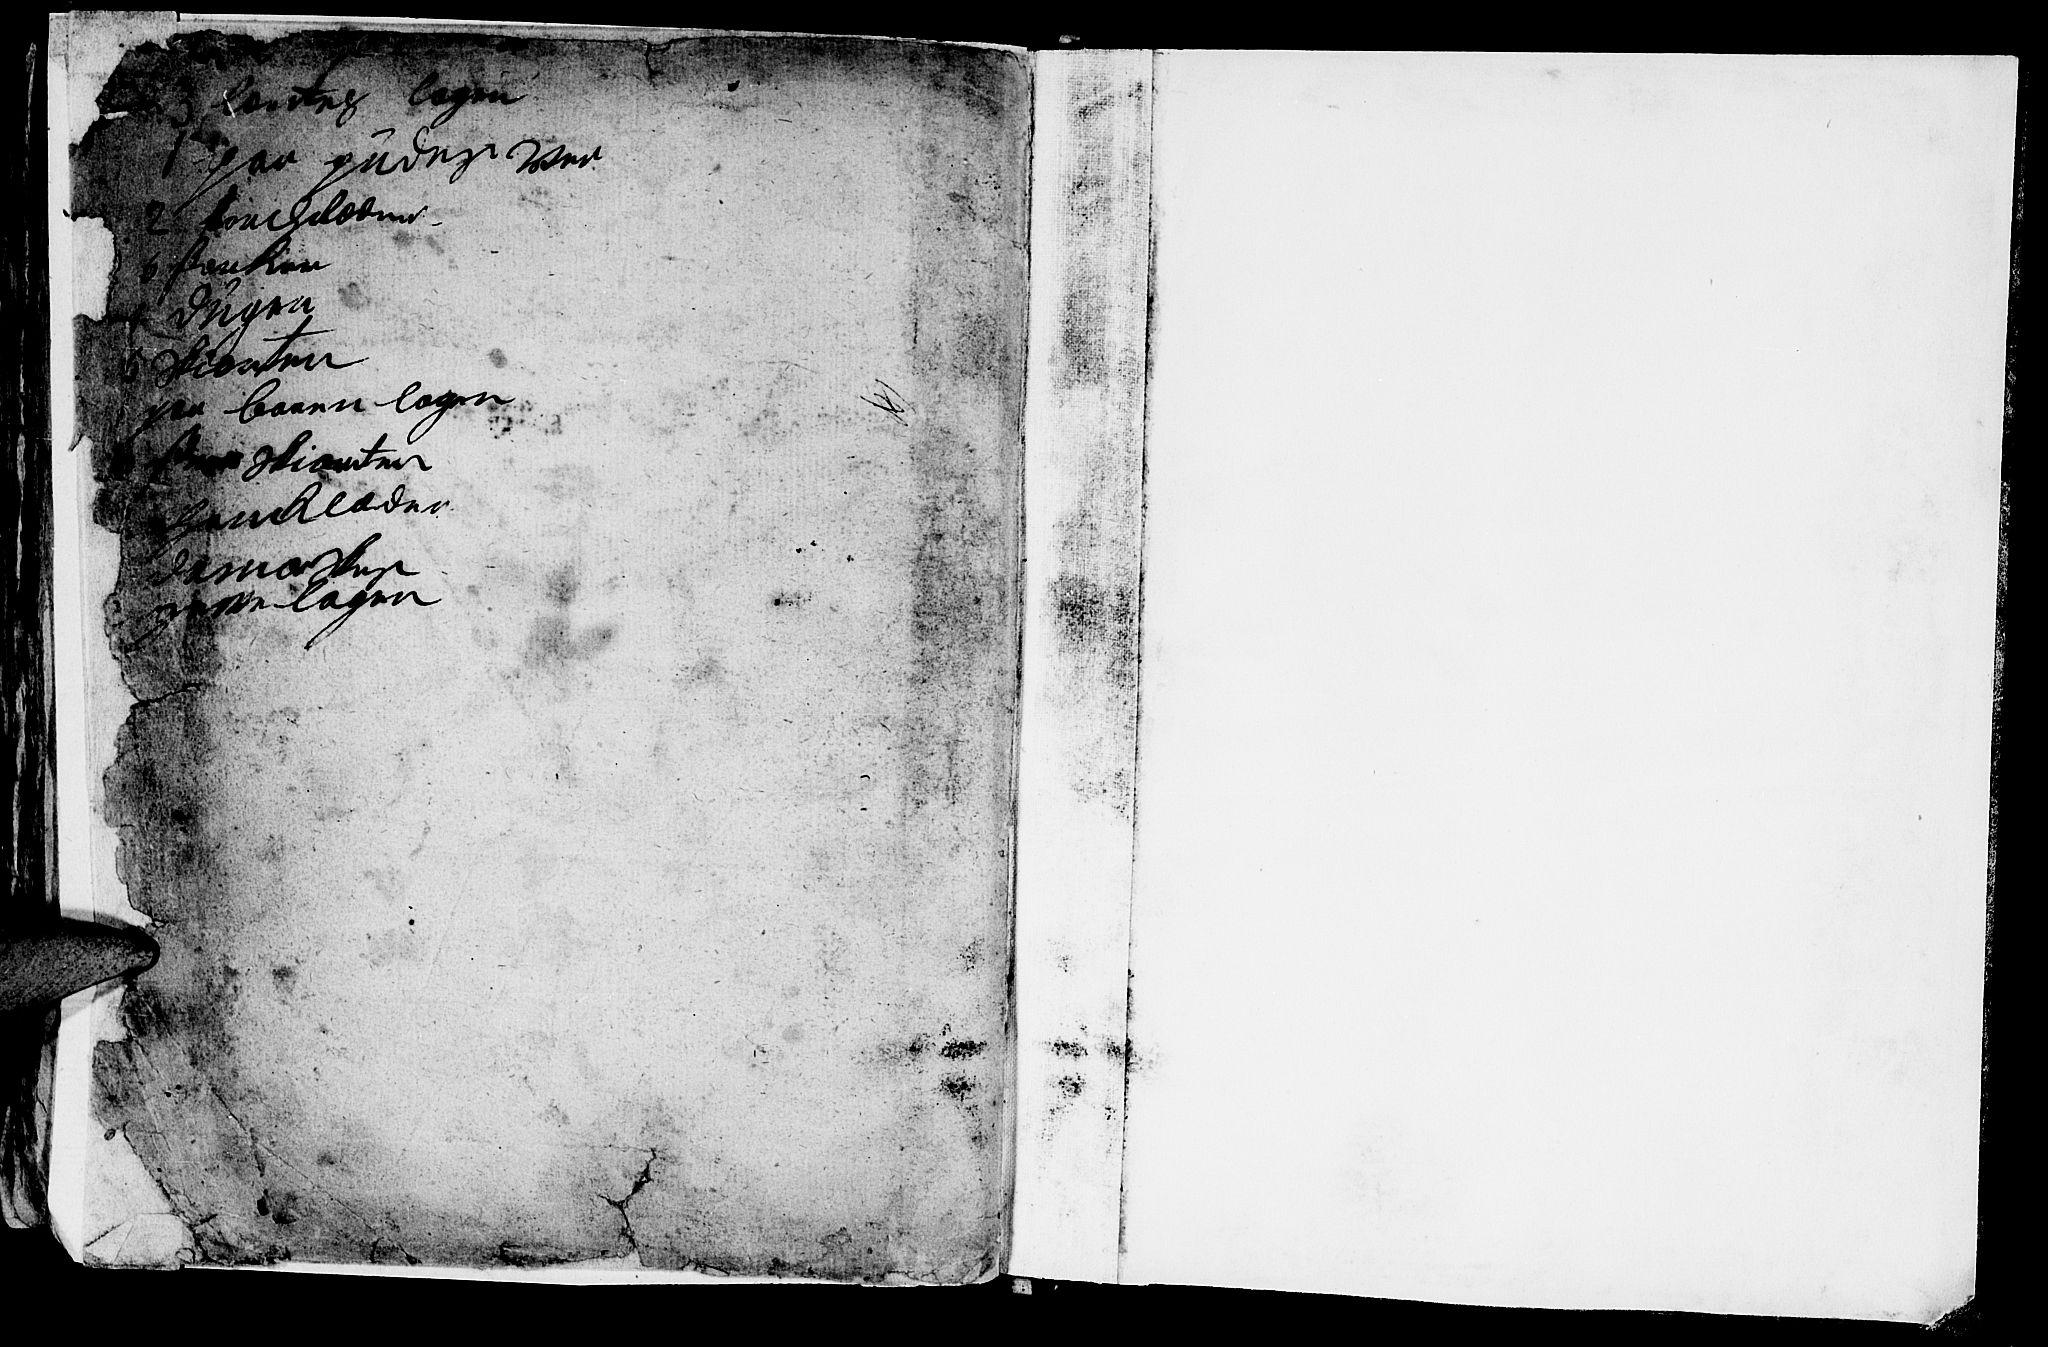 SAT, Ministerialprotokoller, klokkerbøker og fødselsregistre - Sør-Trøndelag, 601/L0035: Ministerialbok nr. 601A03, 1713-1728